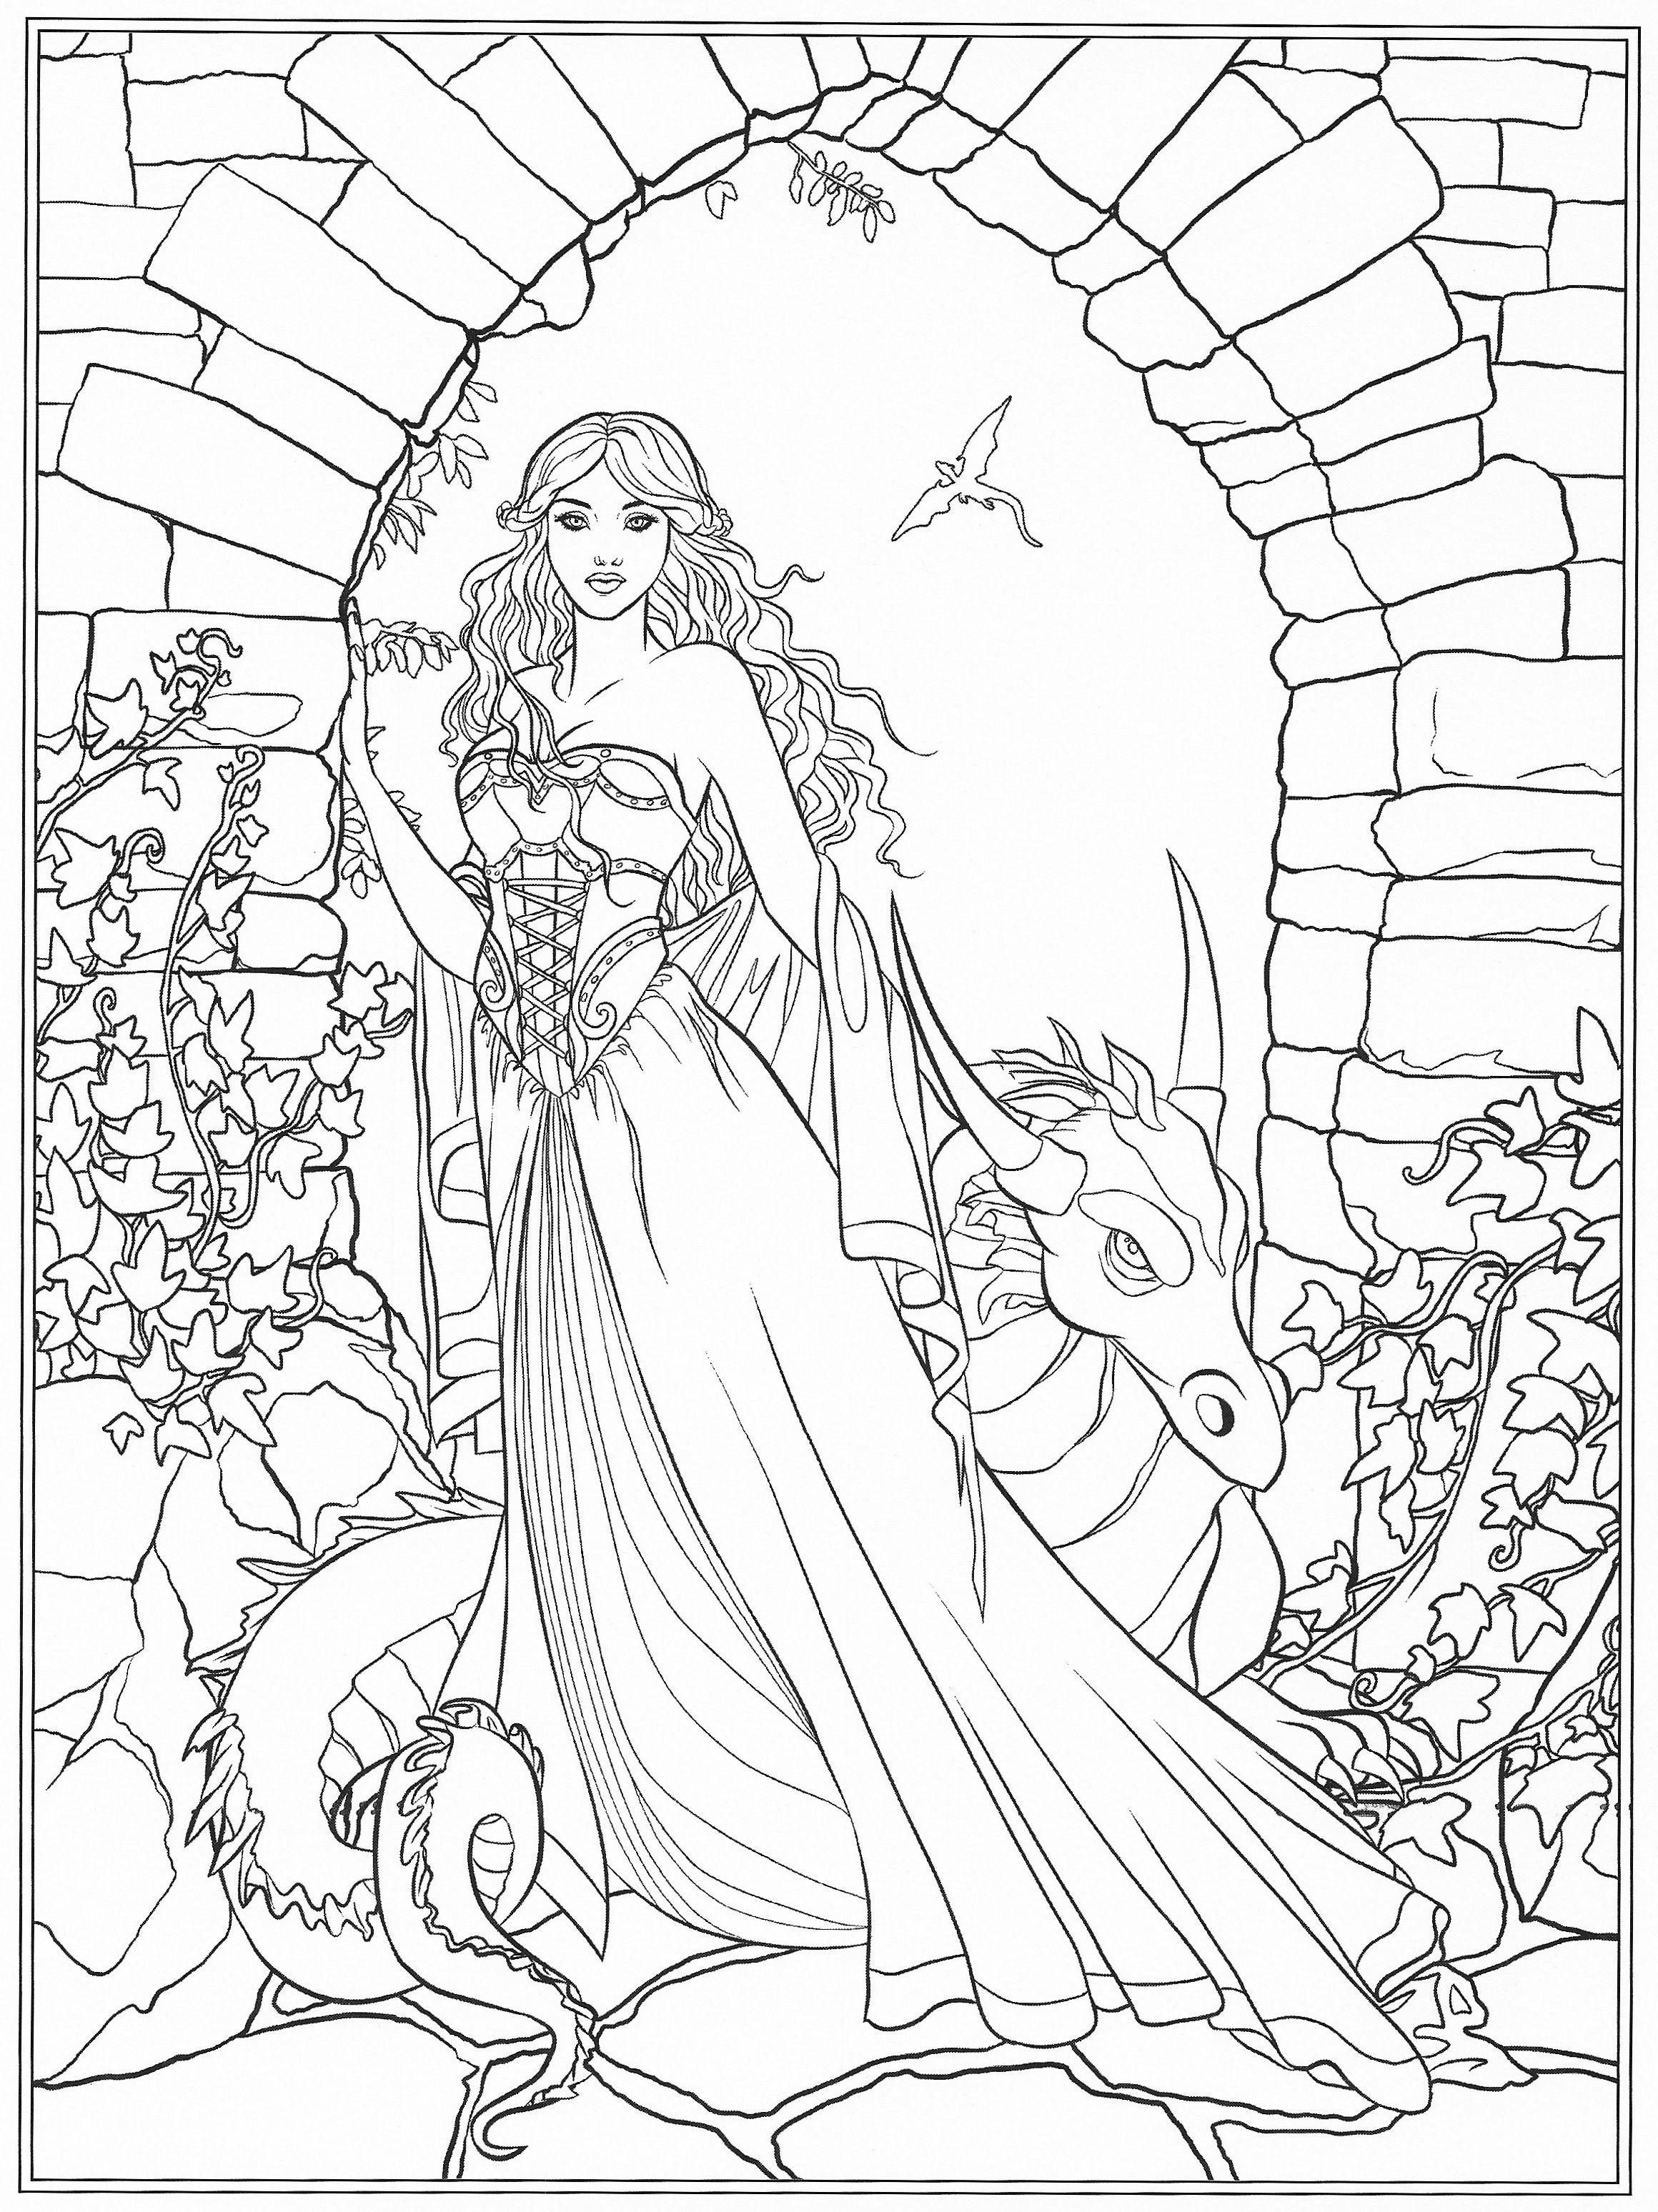 Gothic Dark Fantasy Coloring Book Fantasy Art Coloring By